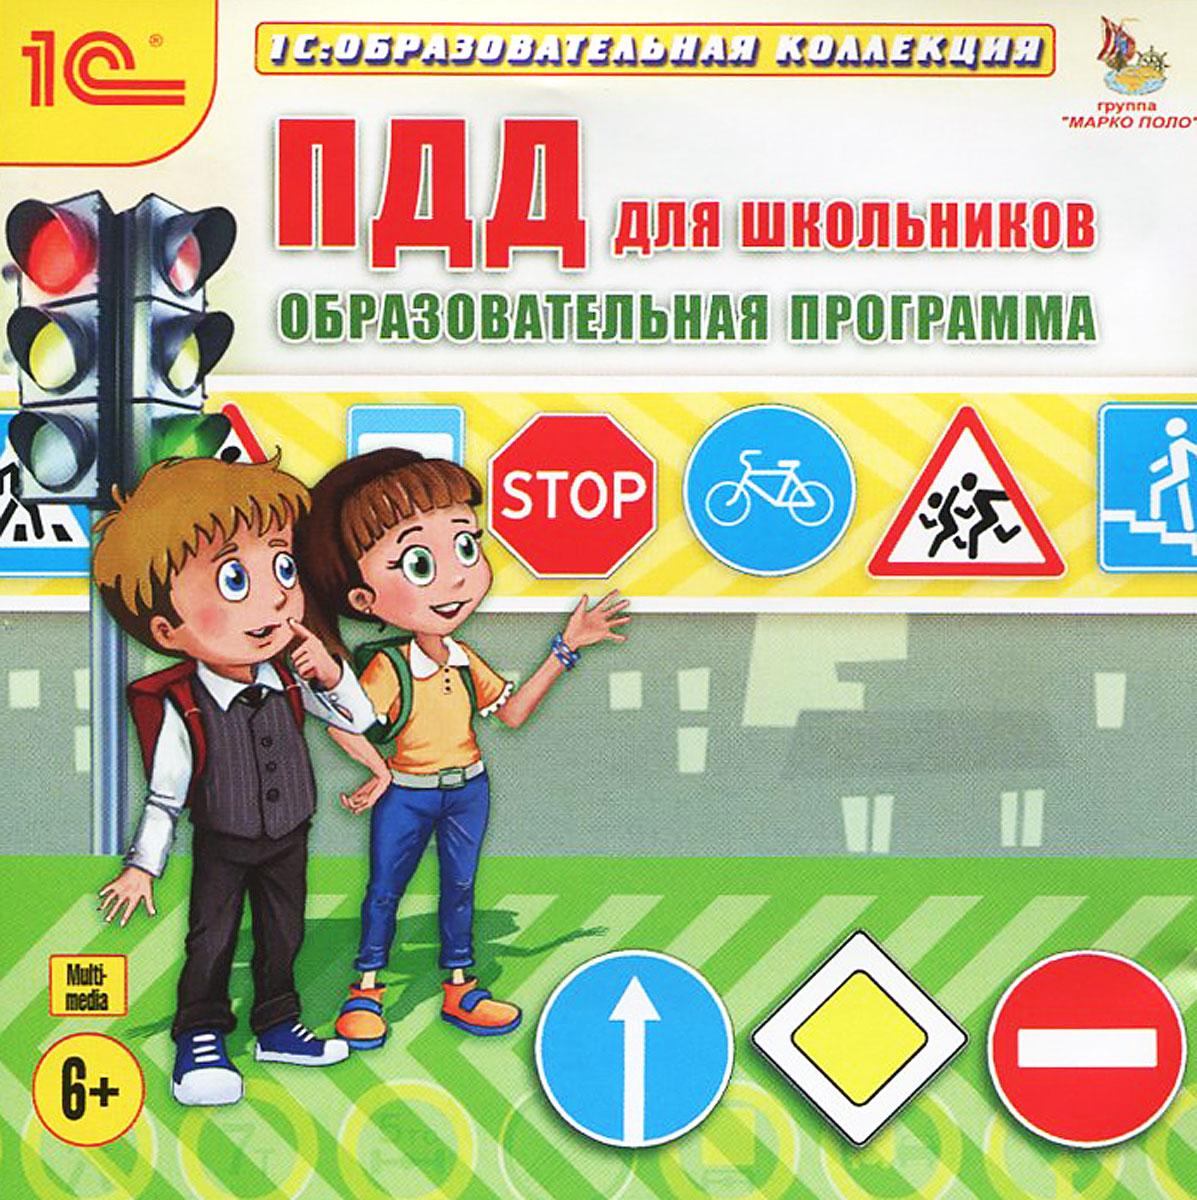 1С: Образовательная коллекция. ПДД для школьников. Образовательная программа стоимость